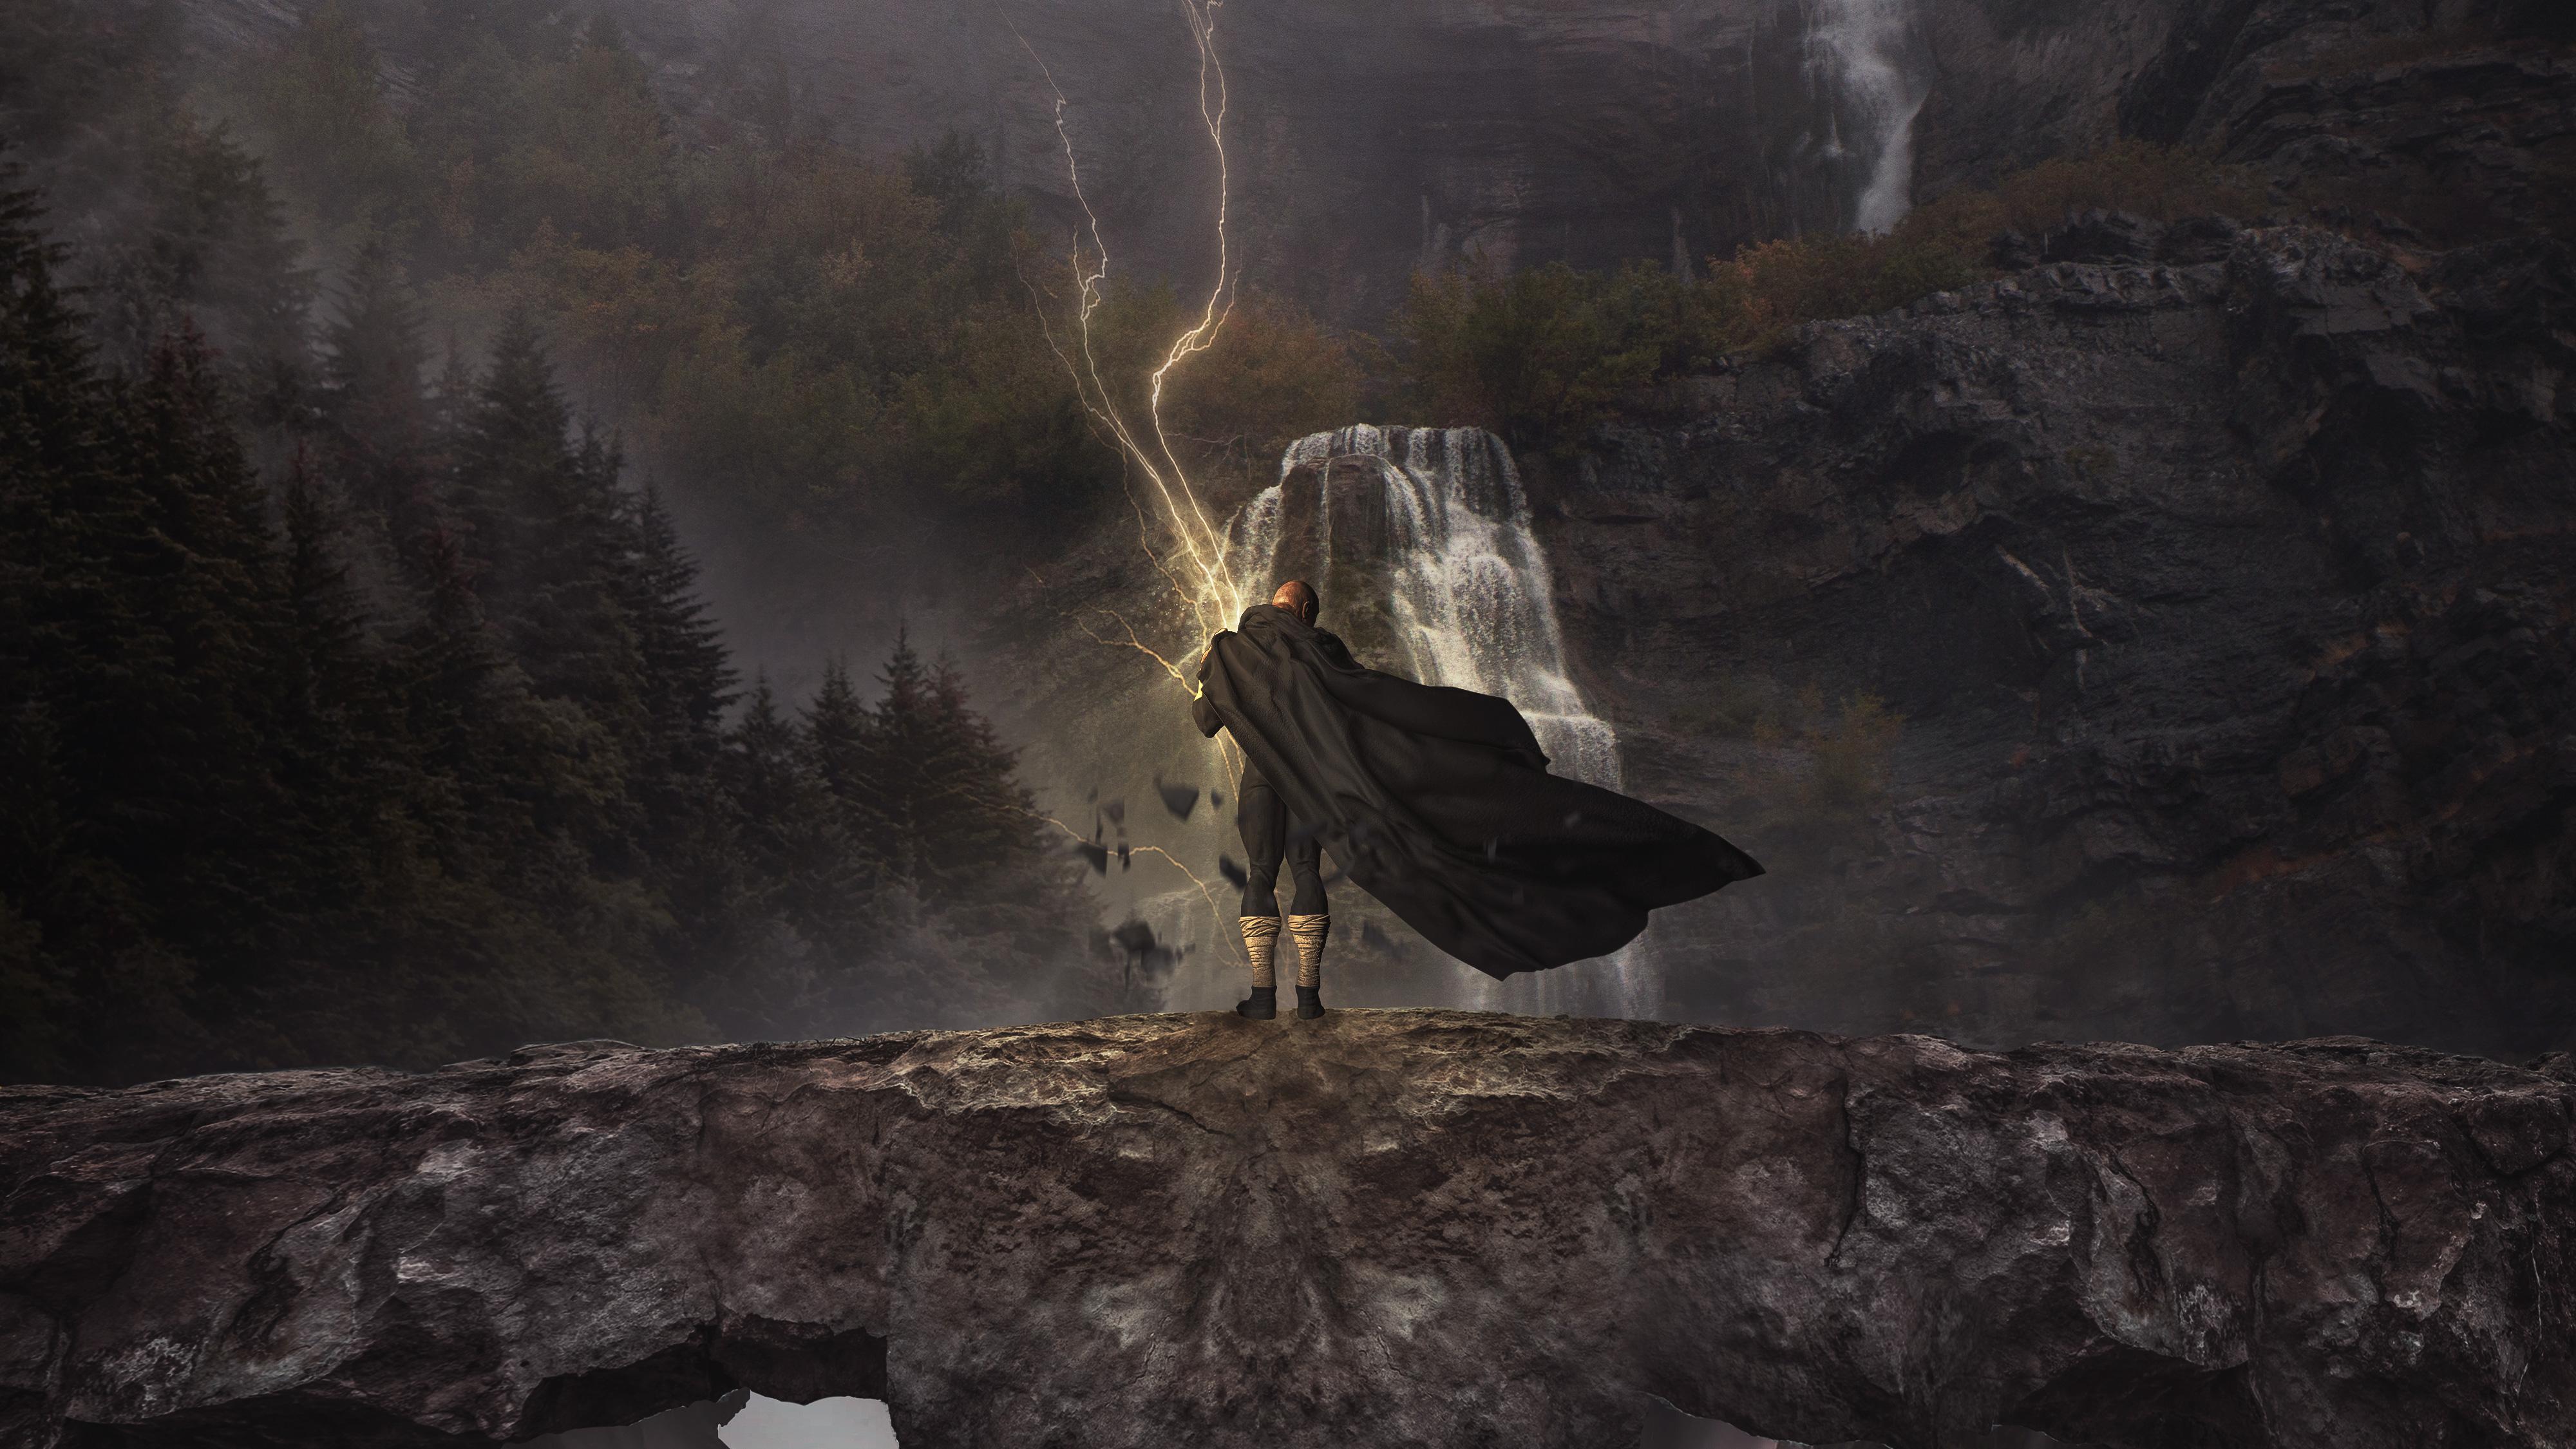 Black Adam Hd Superheroes 4k Wallpapers Images